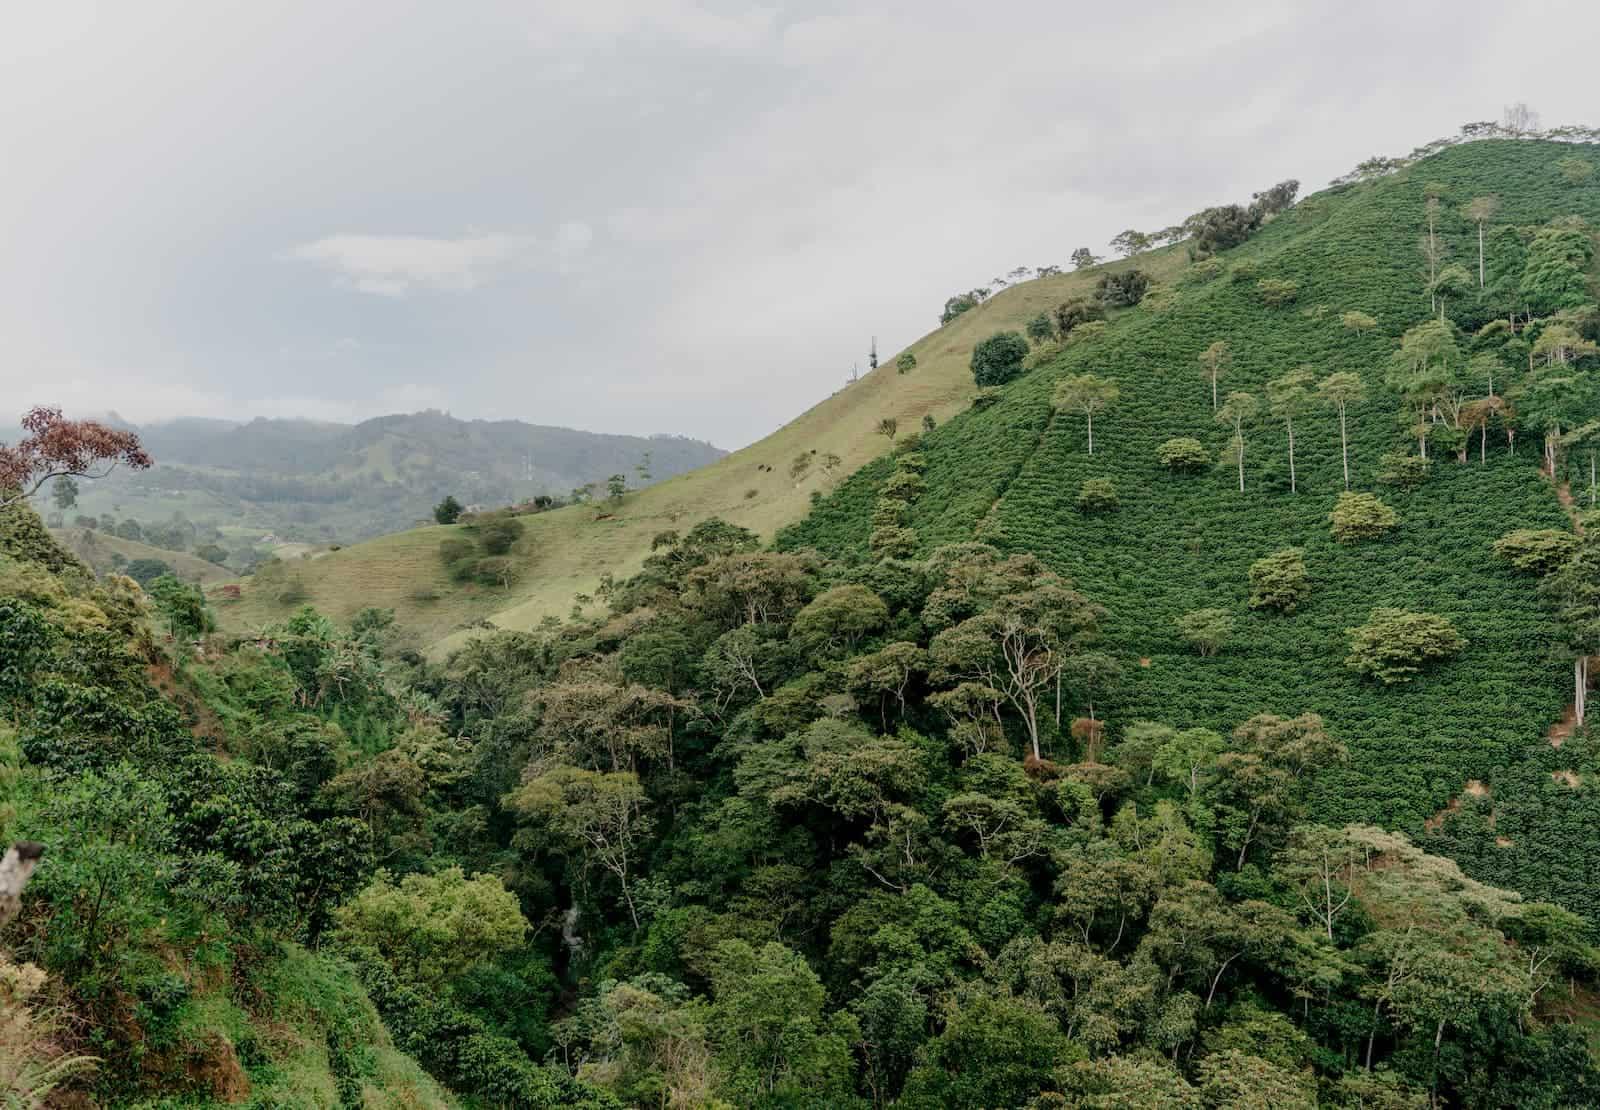 fazenda plantação de café